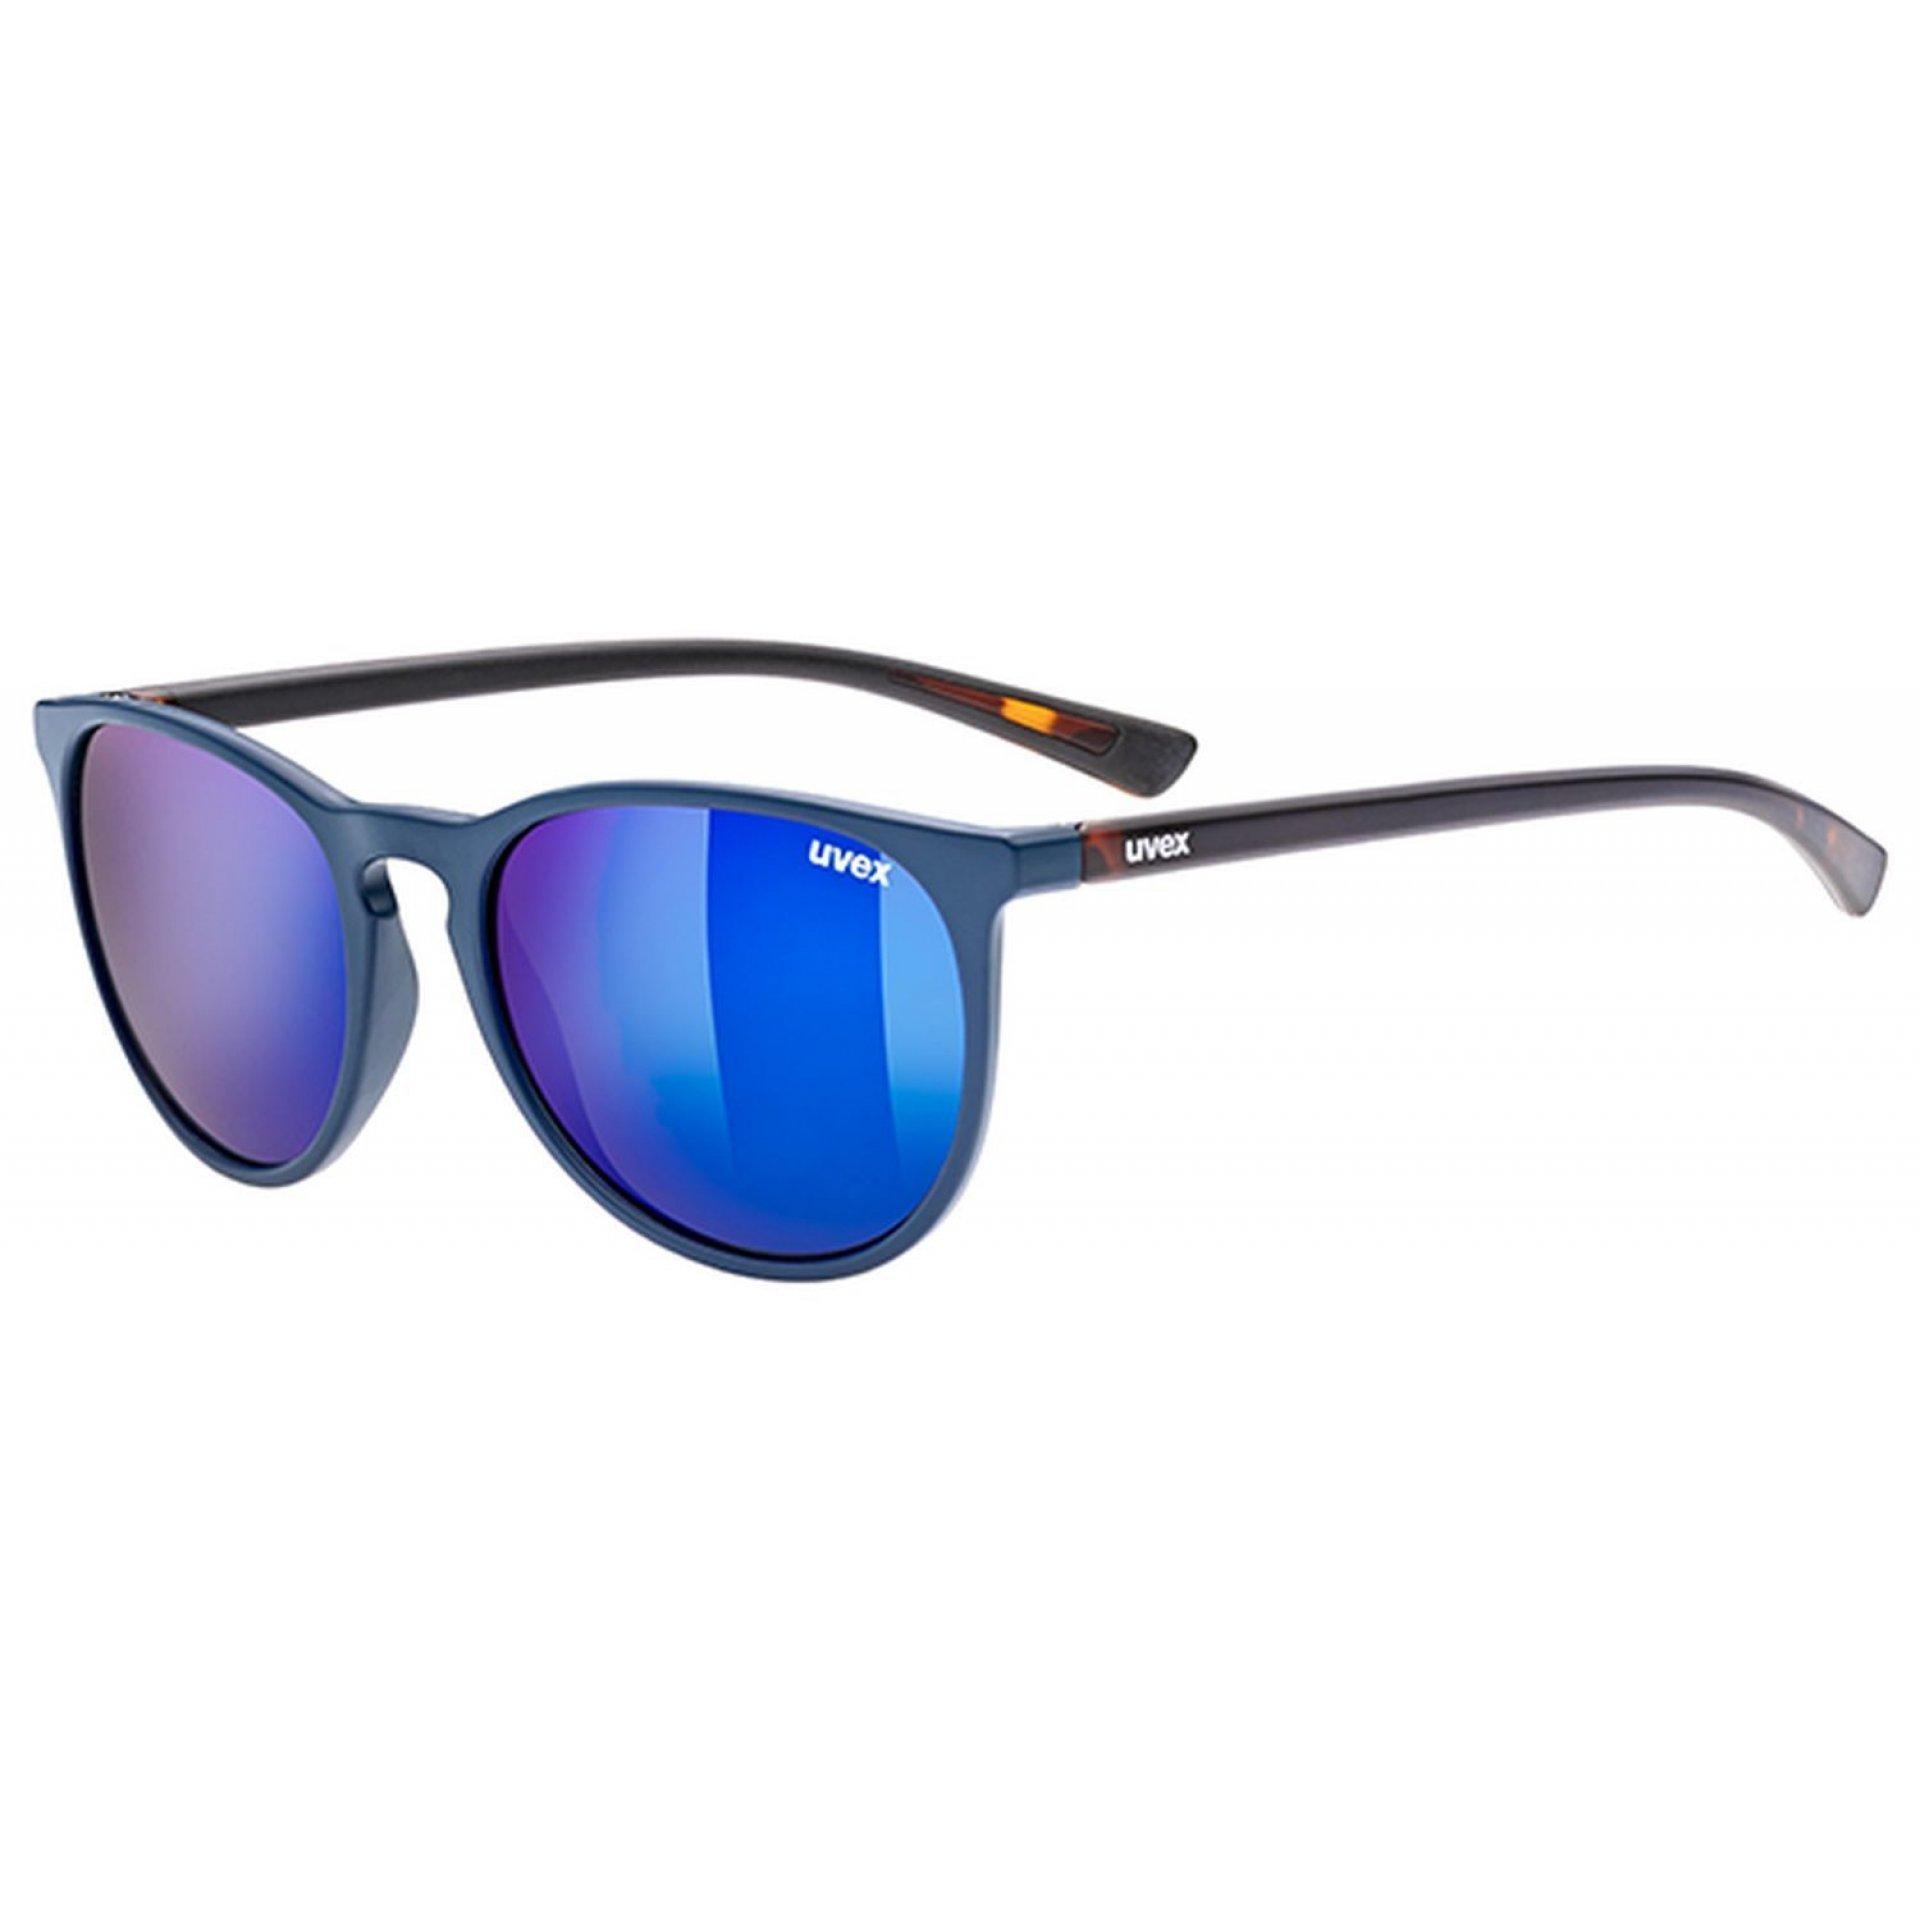 OKULARY UVEX  LGL 43 BLUE HAVANNA